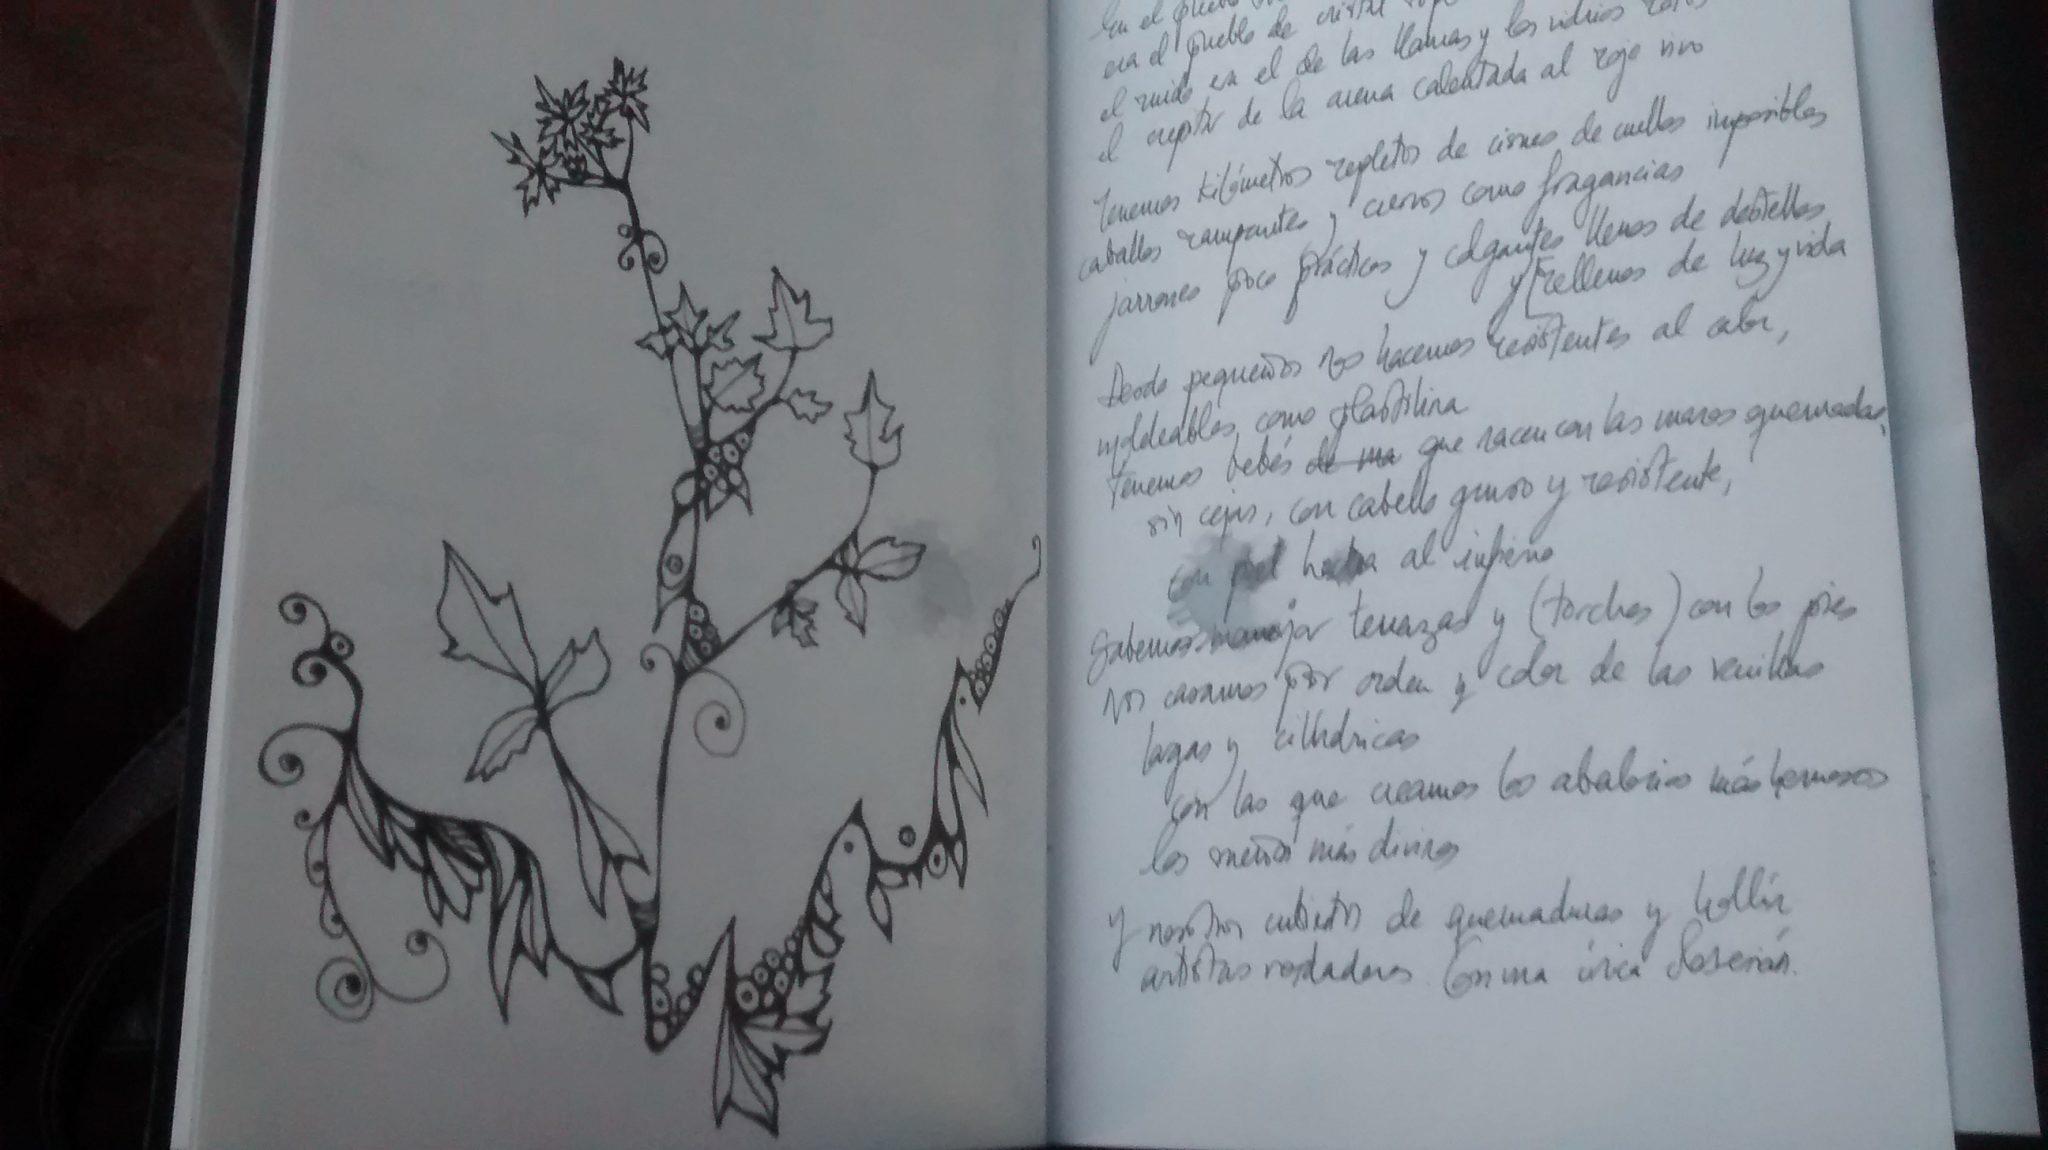 escribir Archives - Página 2 de 4 - Gabriella Literaria